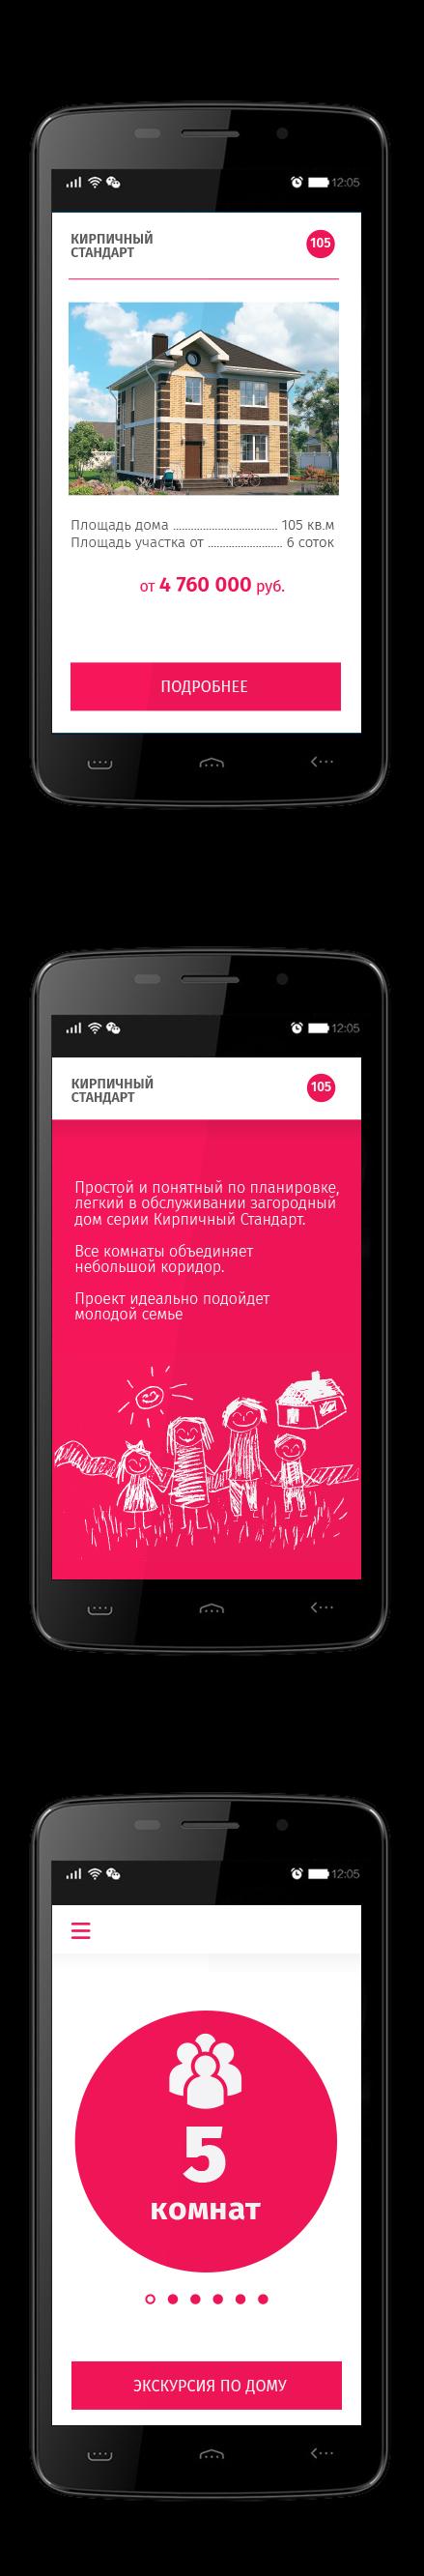 Дизайн главной на мобильных для домостроительной компании фото f_4625a893132bfd99.jpg